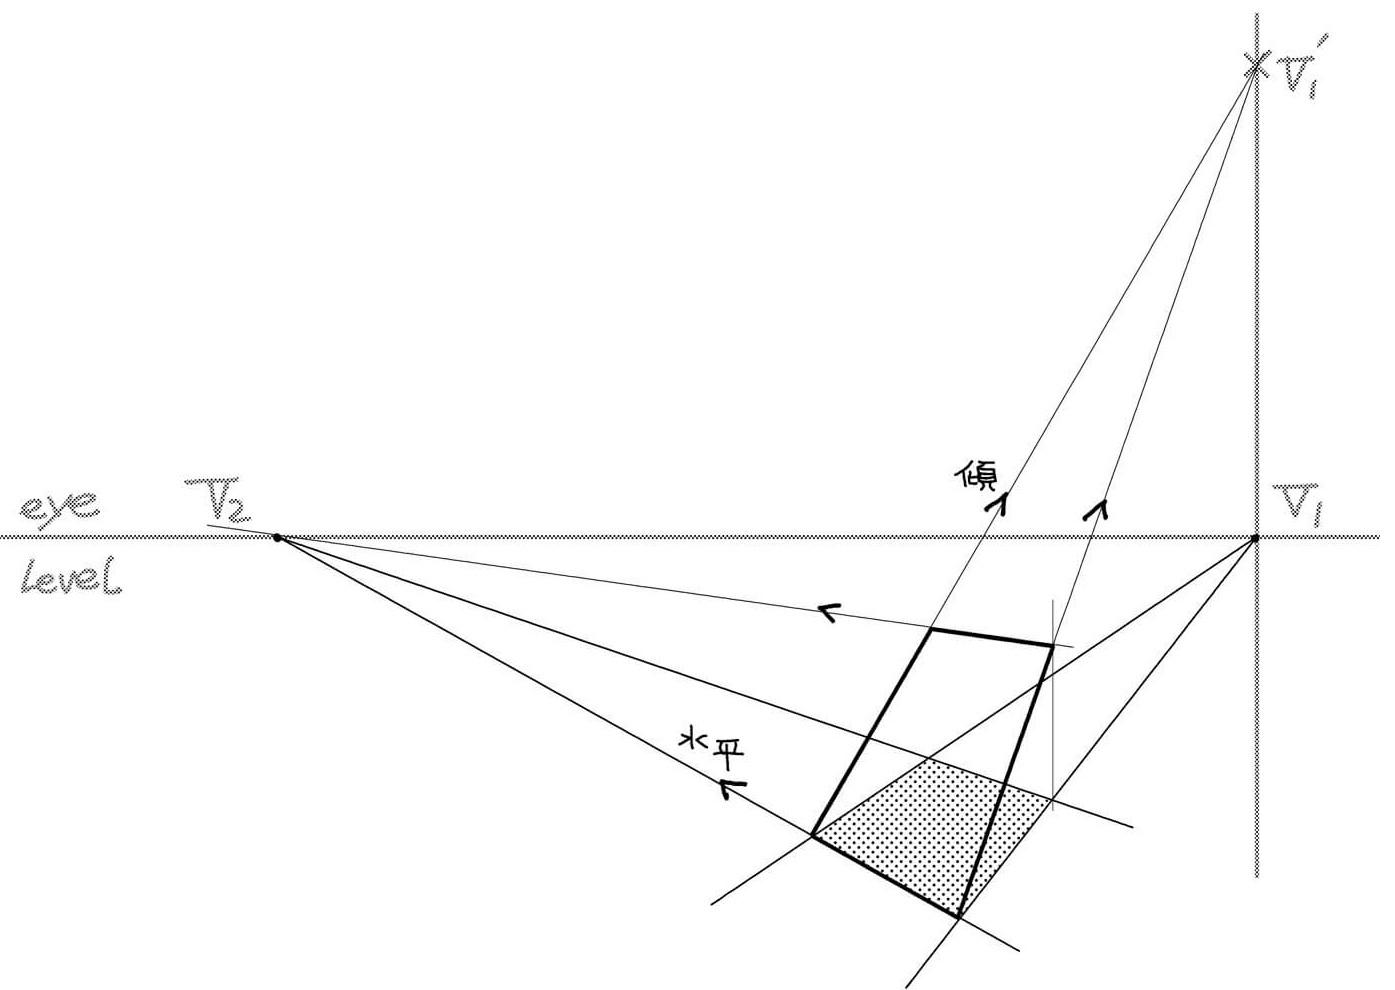 道の方向を「V1」に設定した場合の作画